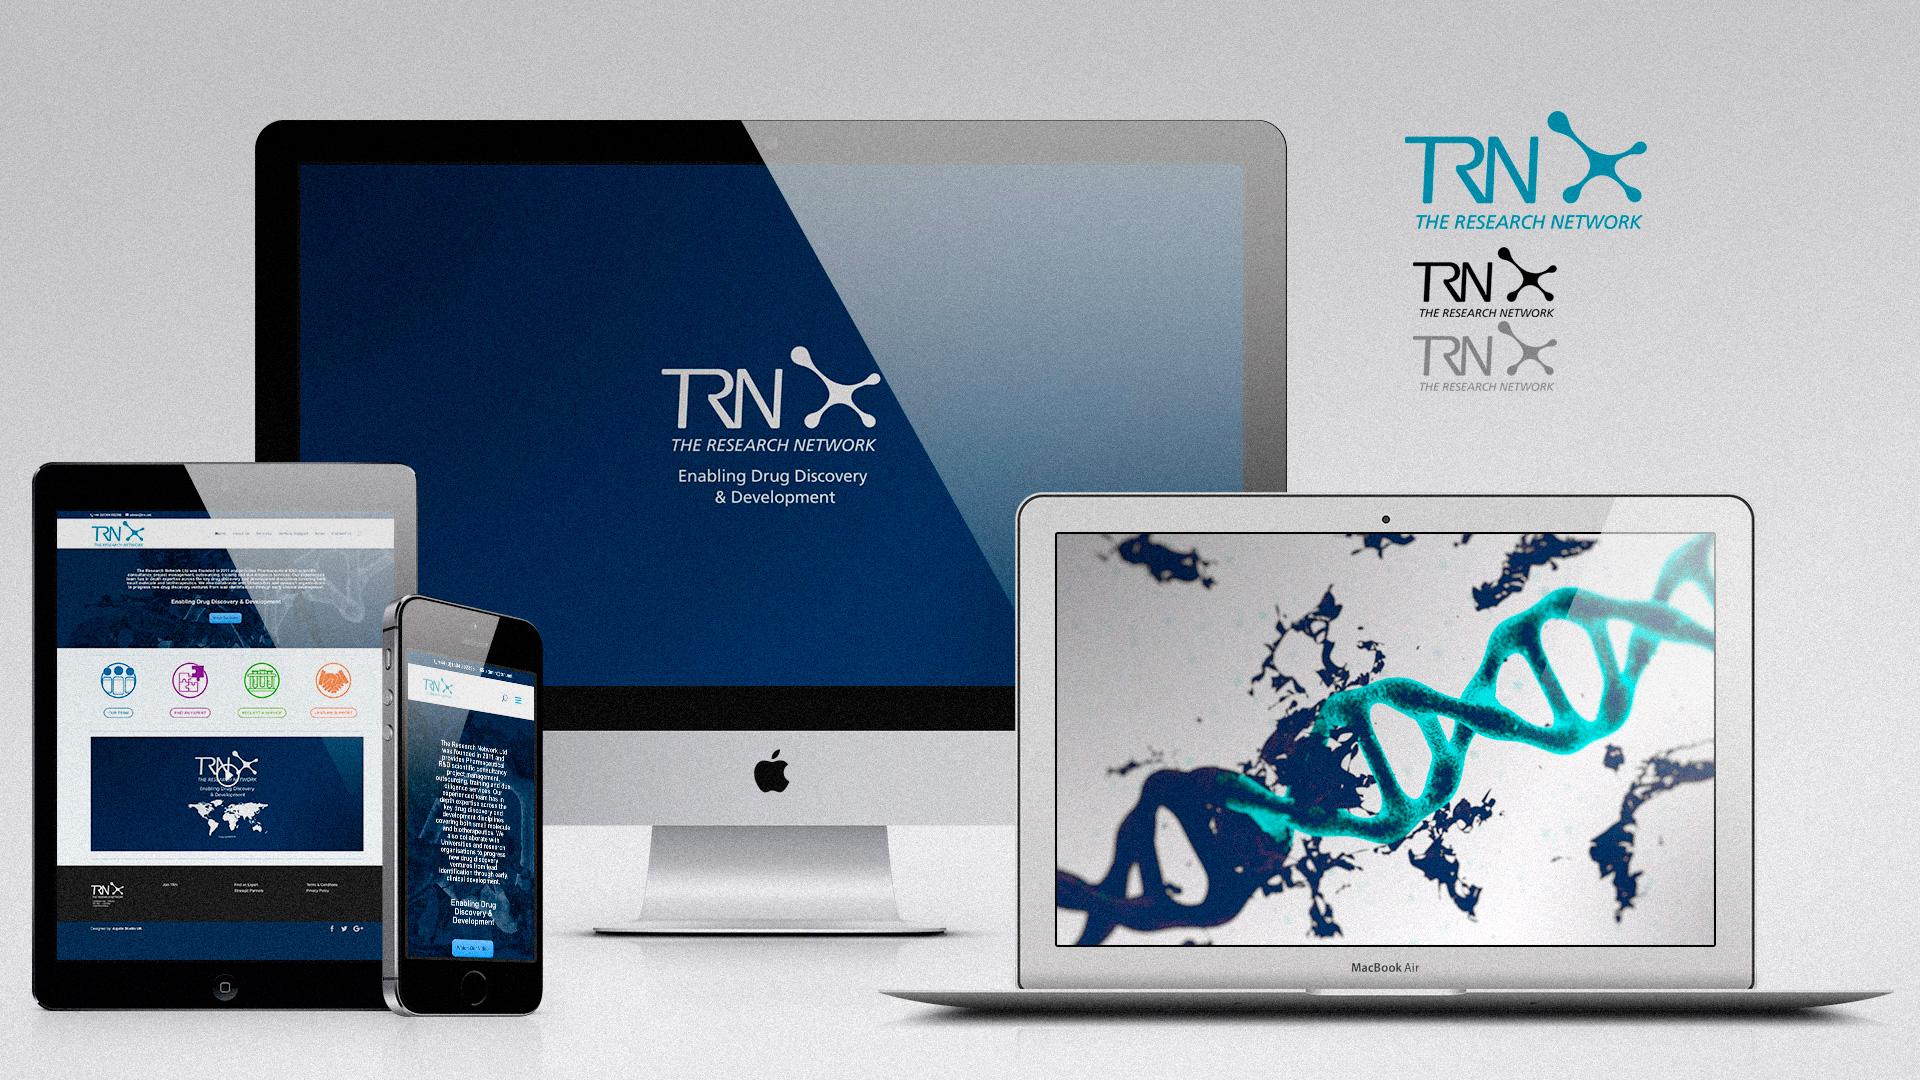 TRN_14